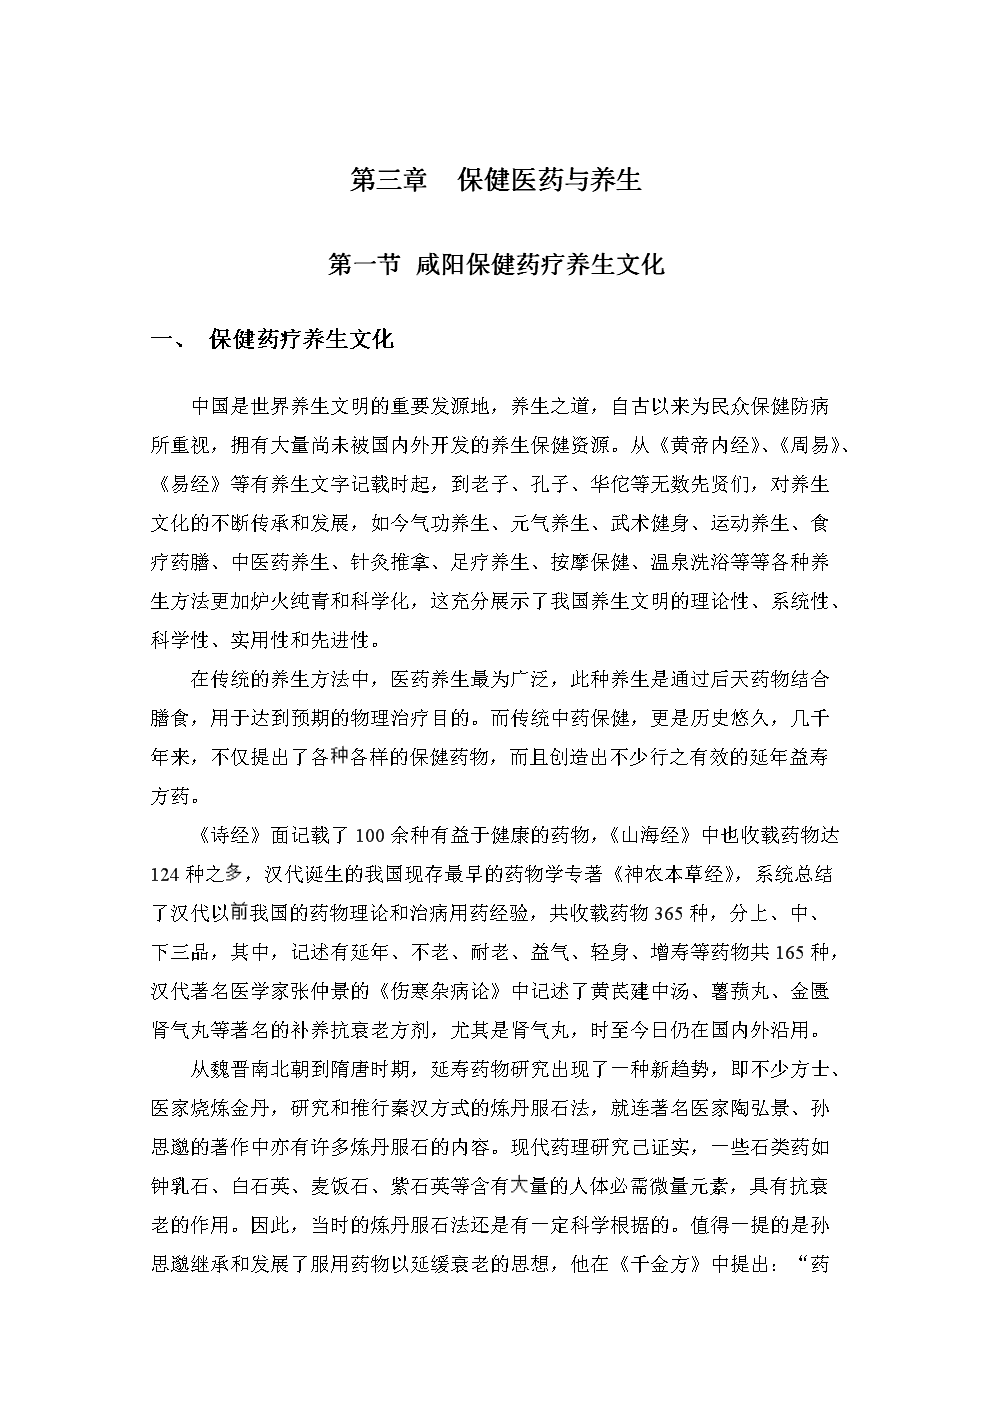 第三章--保健医药与养生(初稿).doc